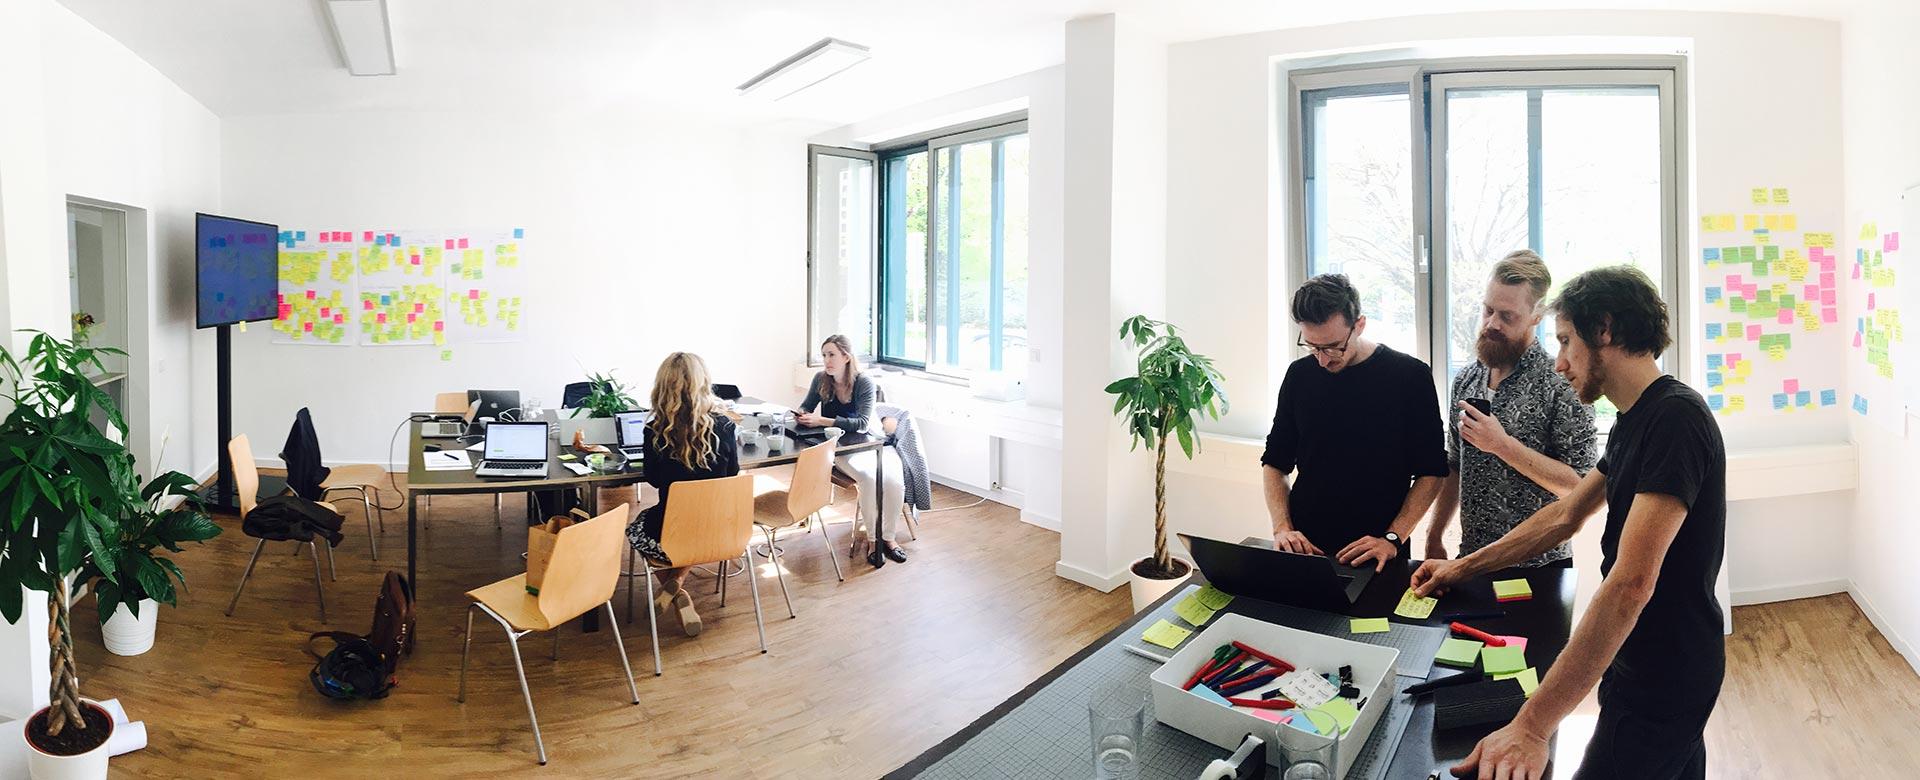 Navvis menschen im war room workshop der webseitenentwicklung